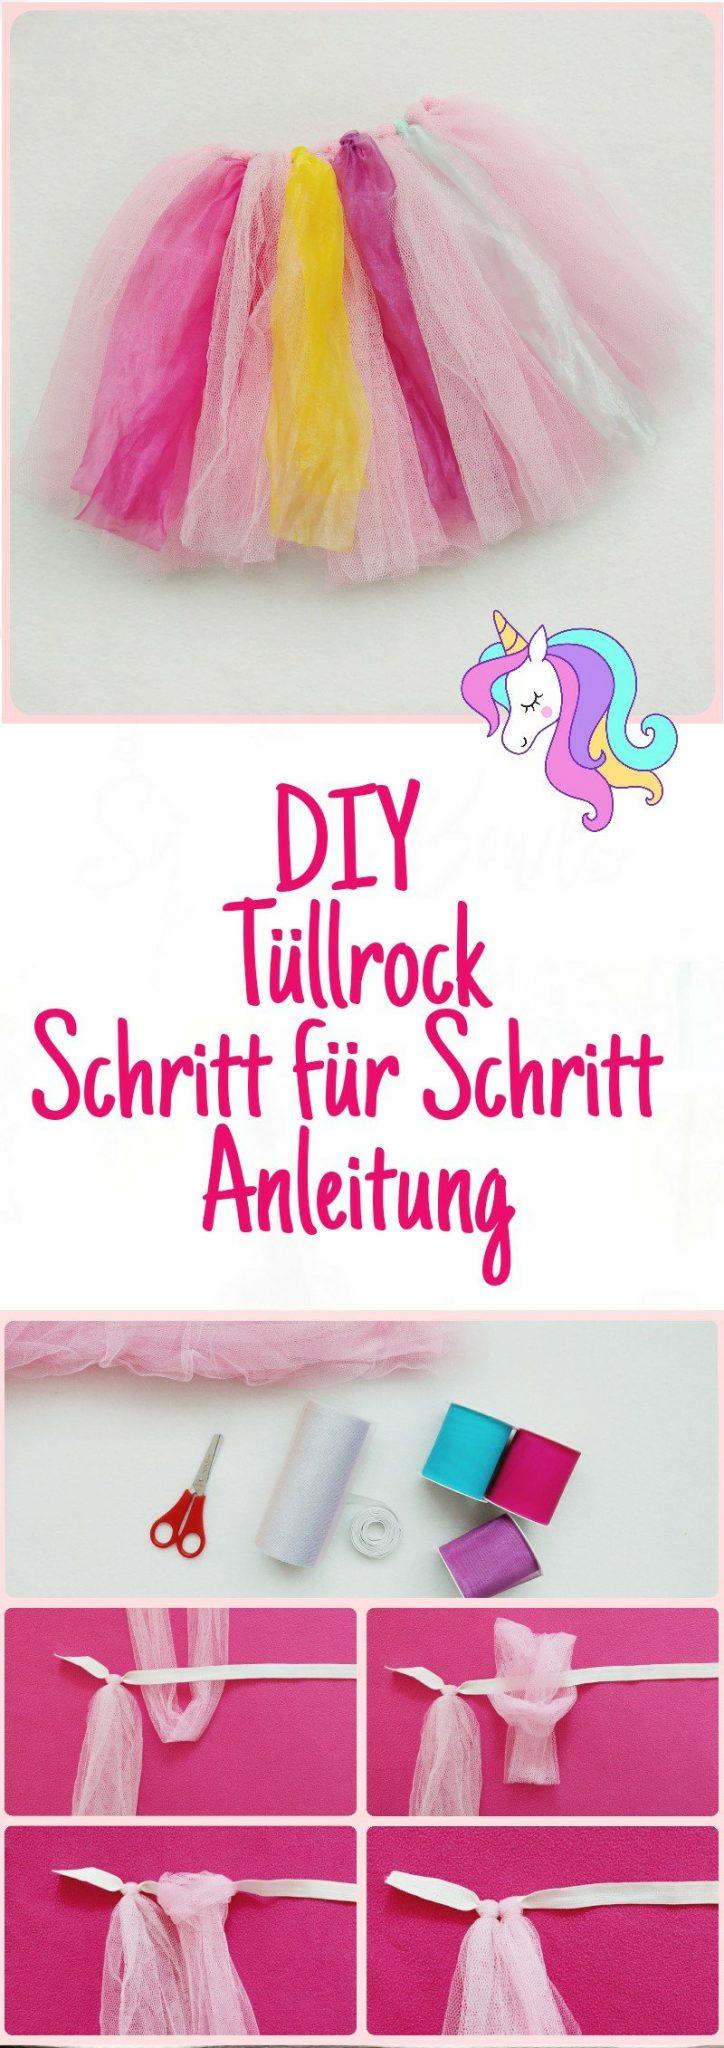 Einhorn Kostüm Für Kinder Selber Machen Teil 2 Diy Einhorn Rock